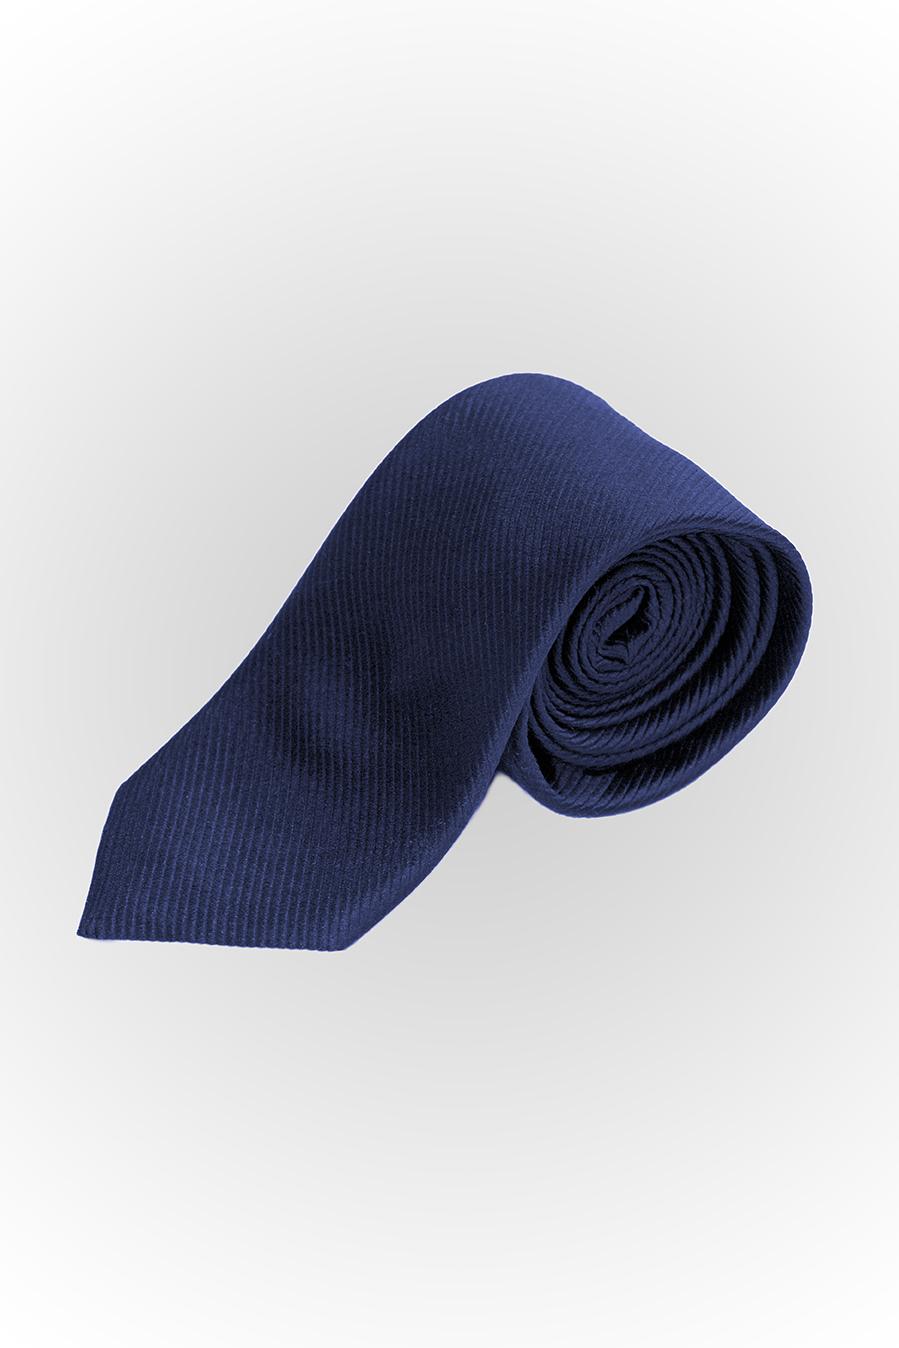 Tie 1422